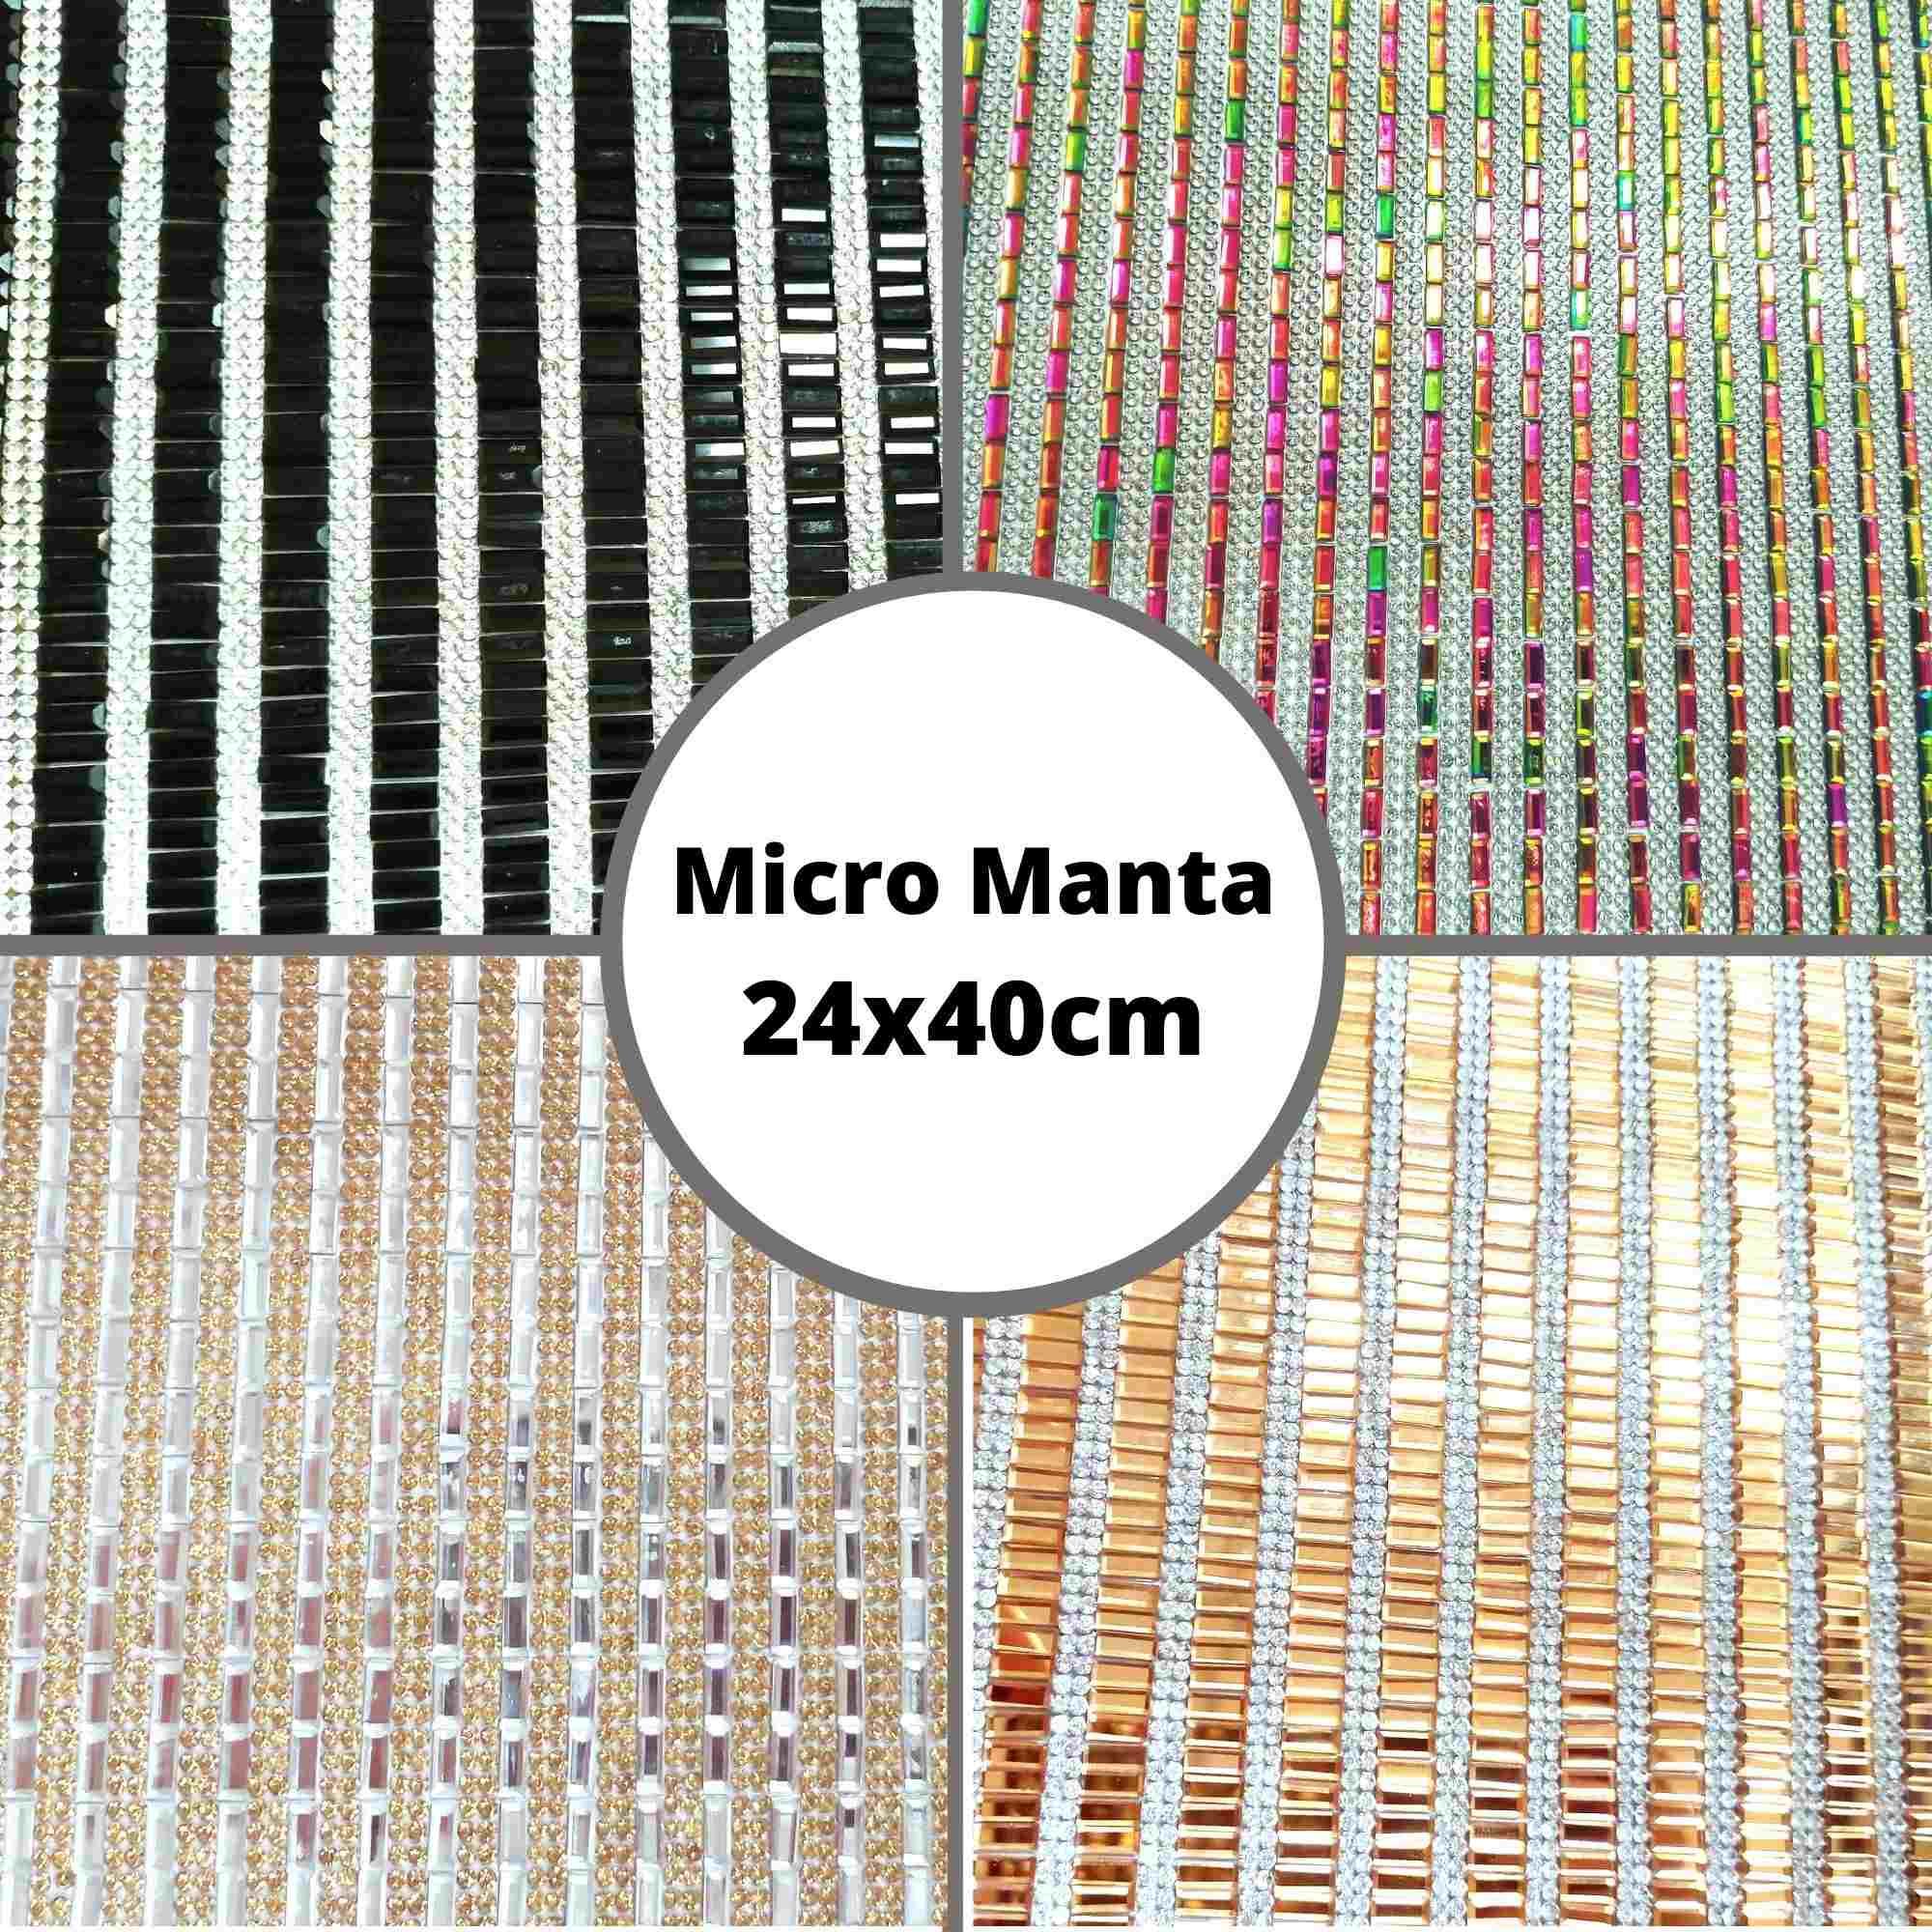 Micro Manta Palito - Tamanho 24x40cm - 1 unidade